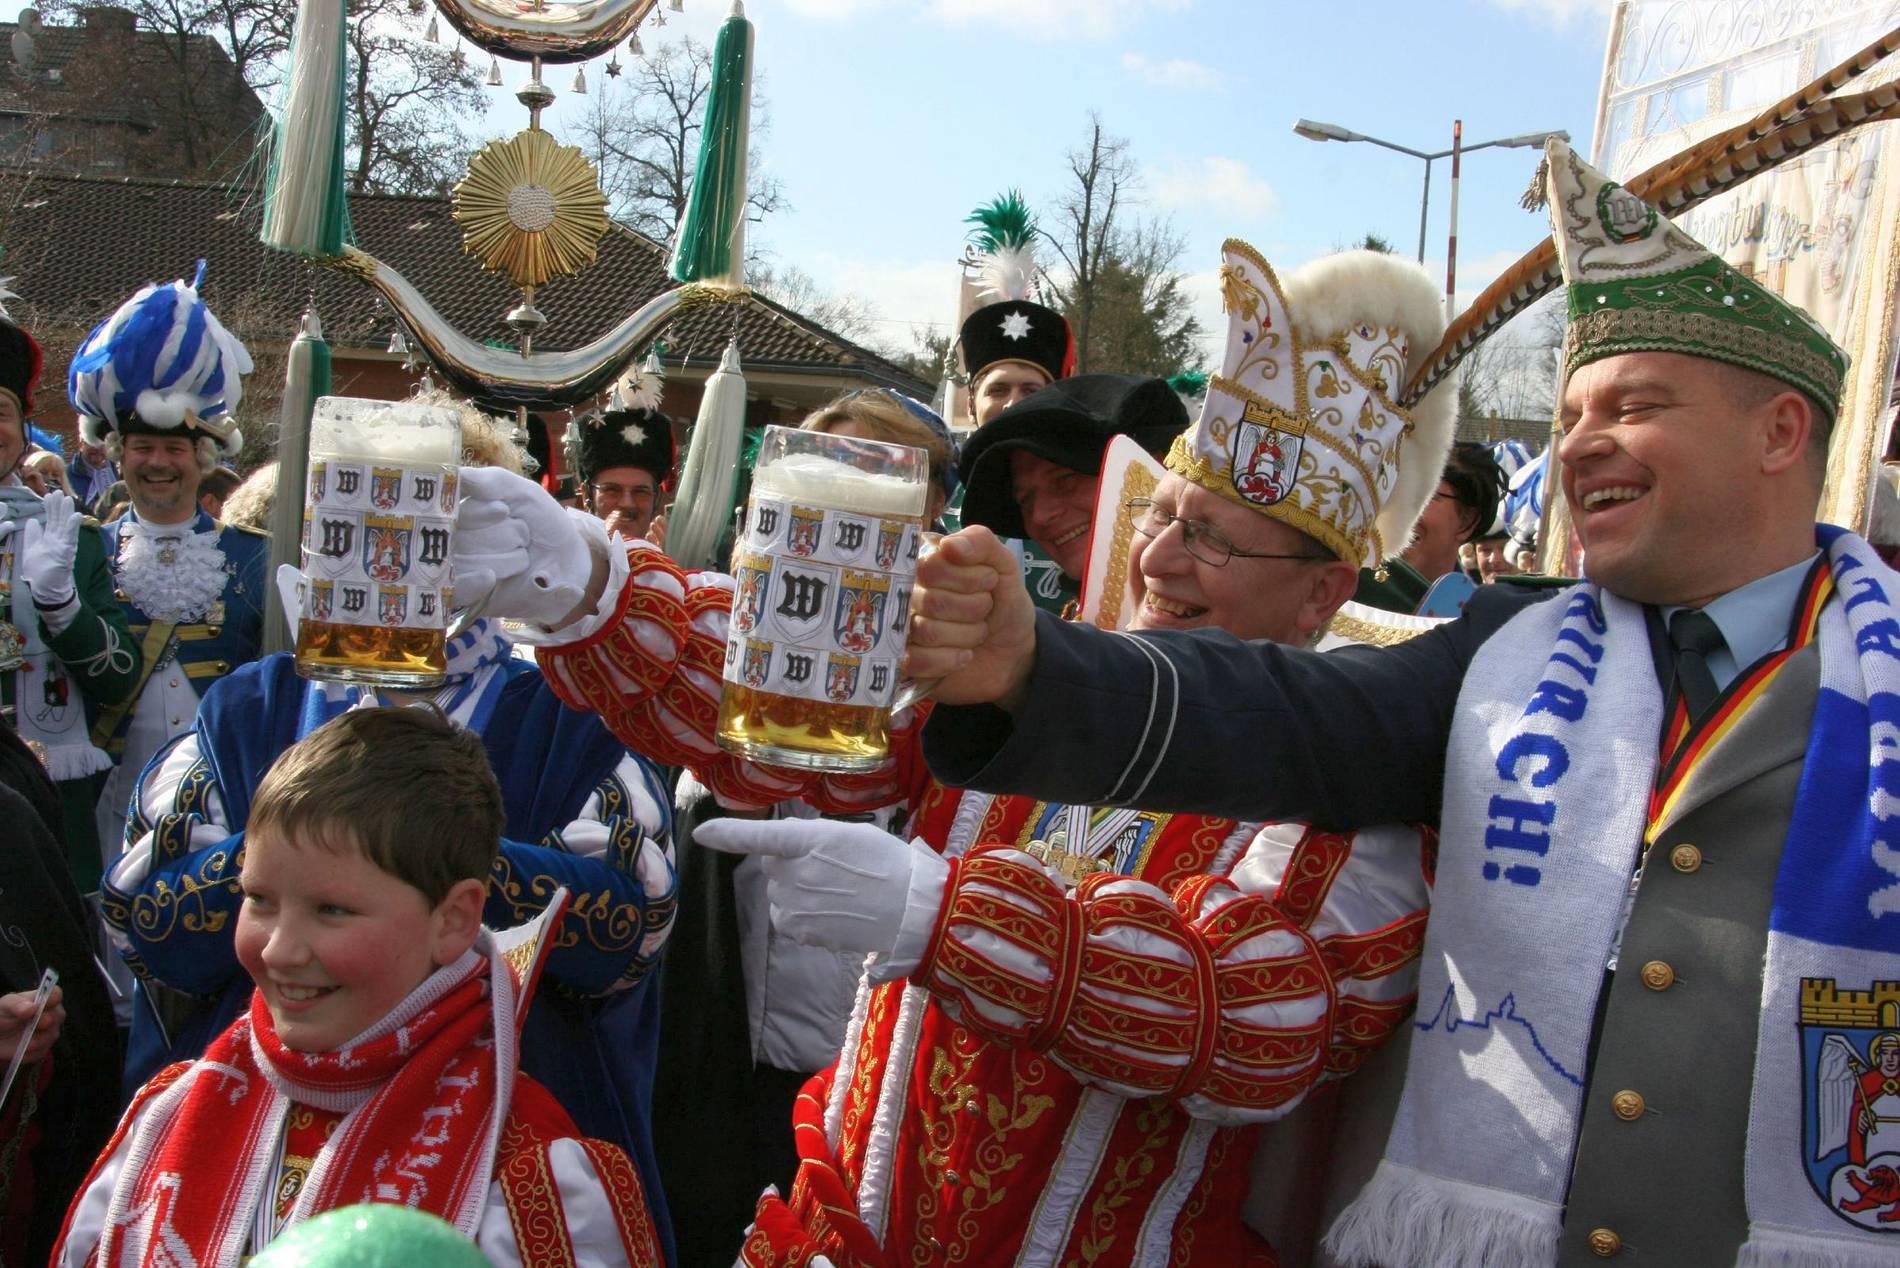 Karnevalsfreitag